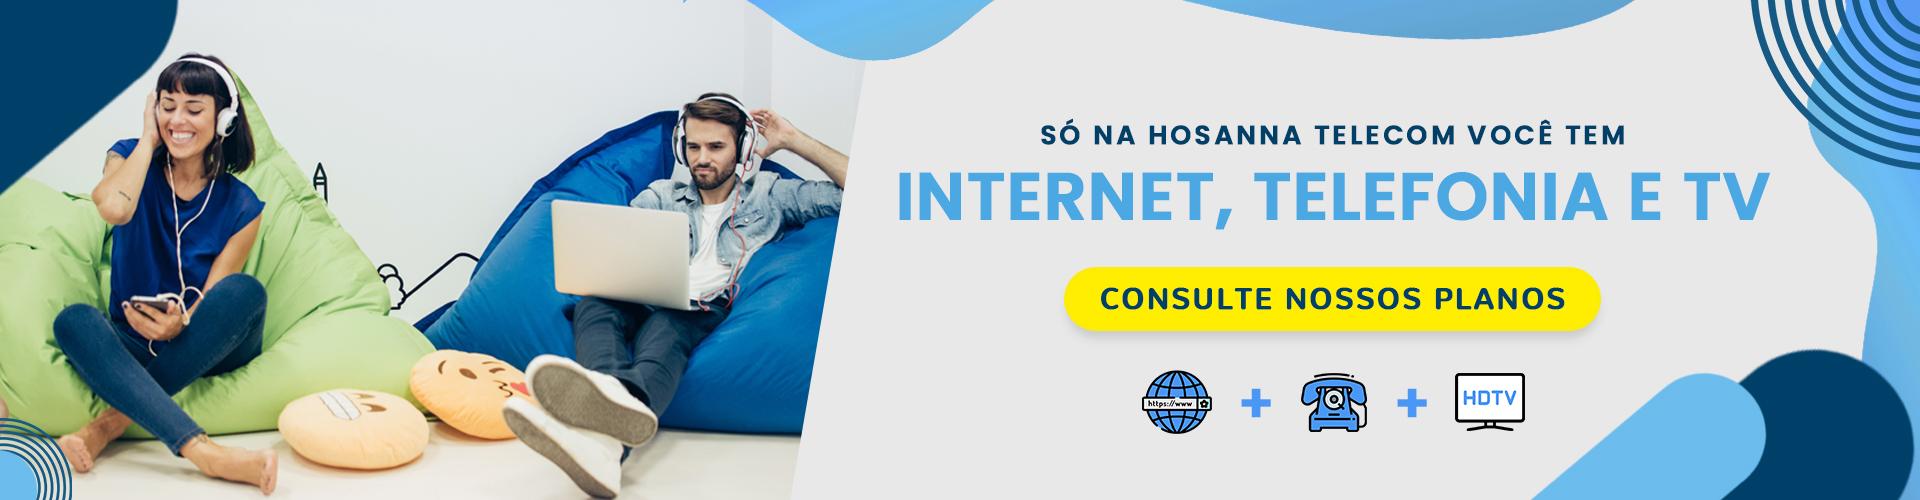 Banner HSN Telecom